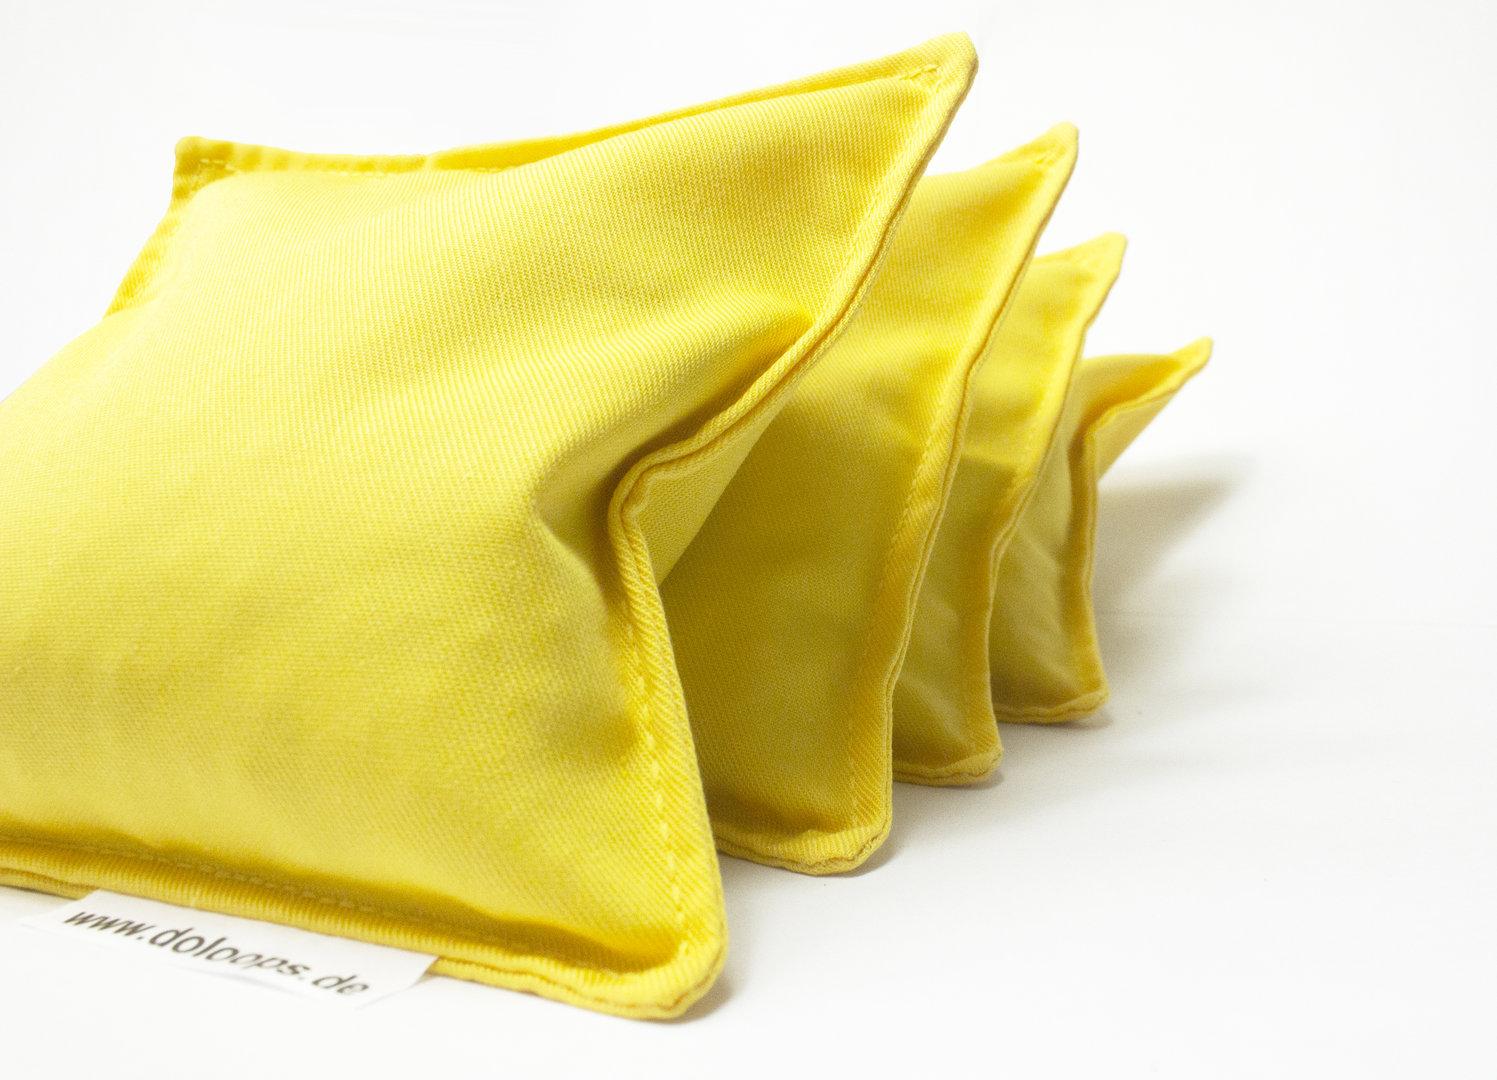 Gelbe Cornhole-Säckchen im 4er Pack